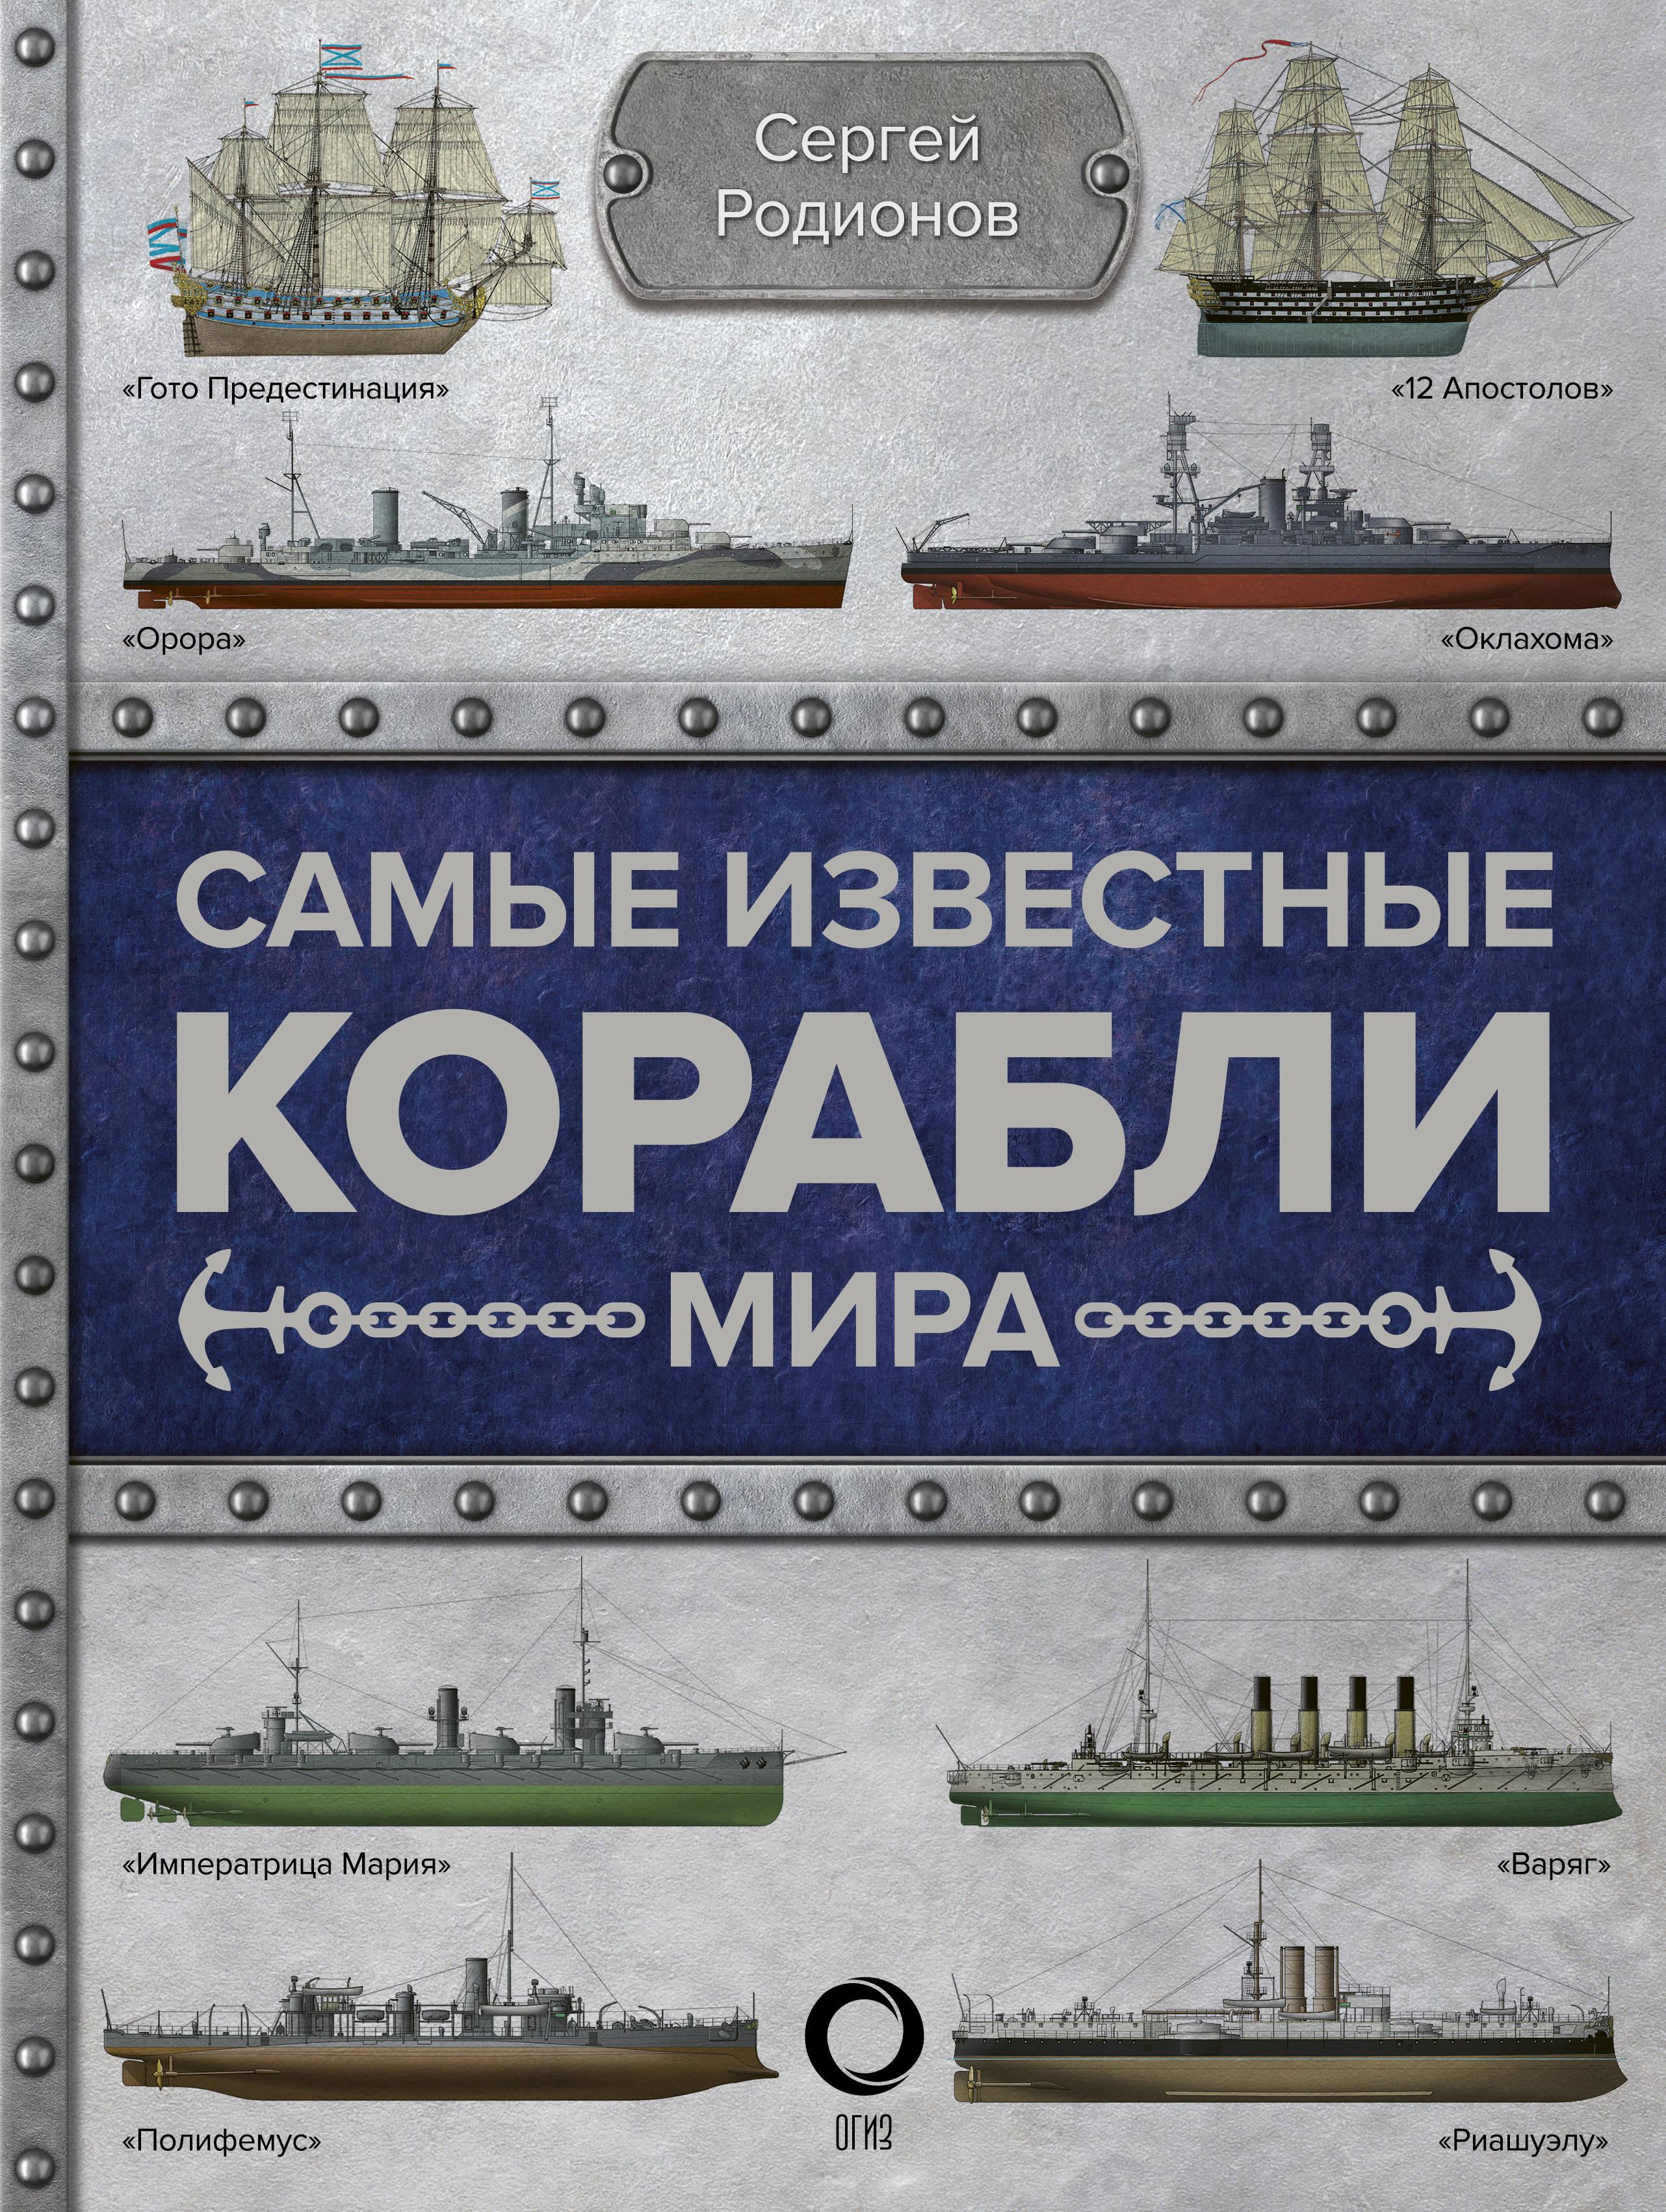 Самые известные корабли мира | Родионов Сергей Александрович